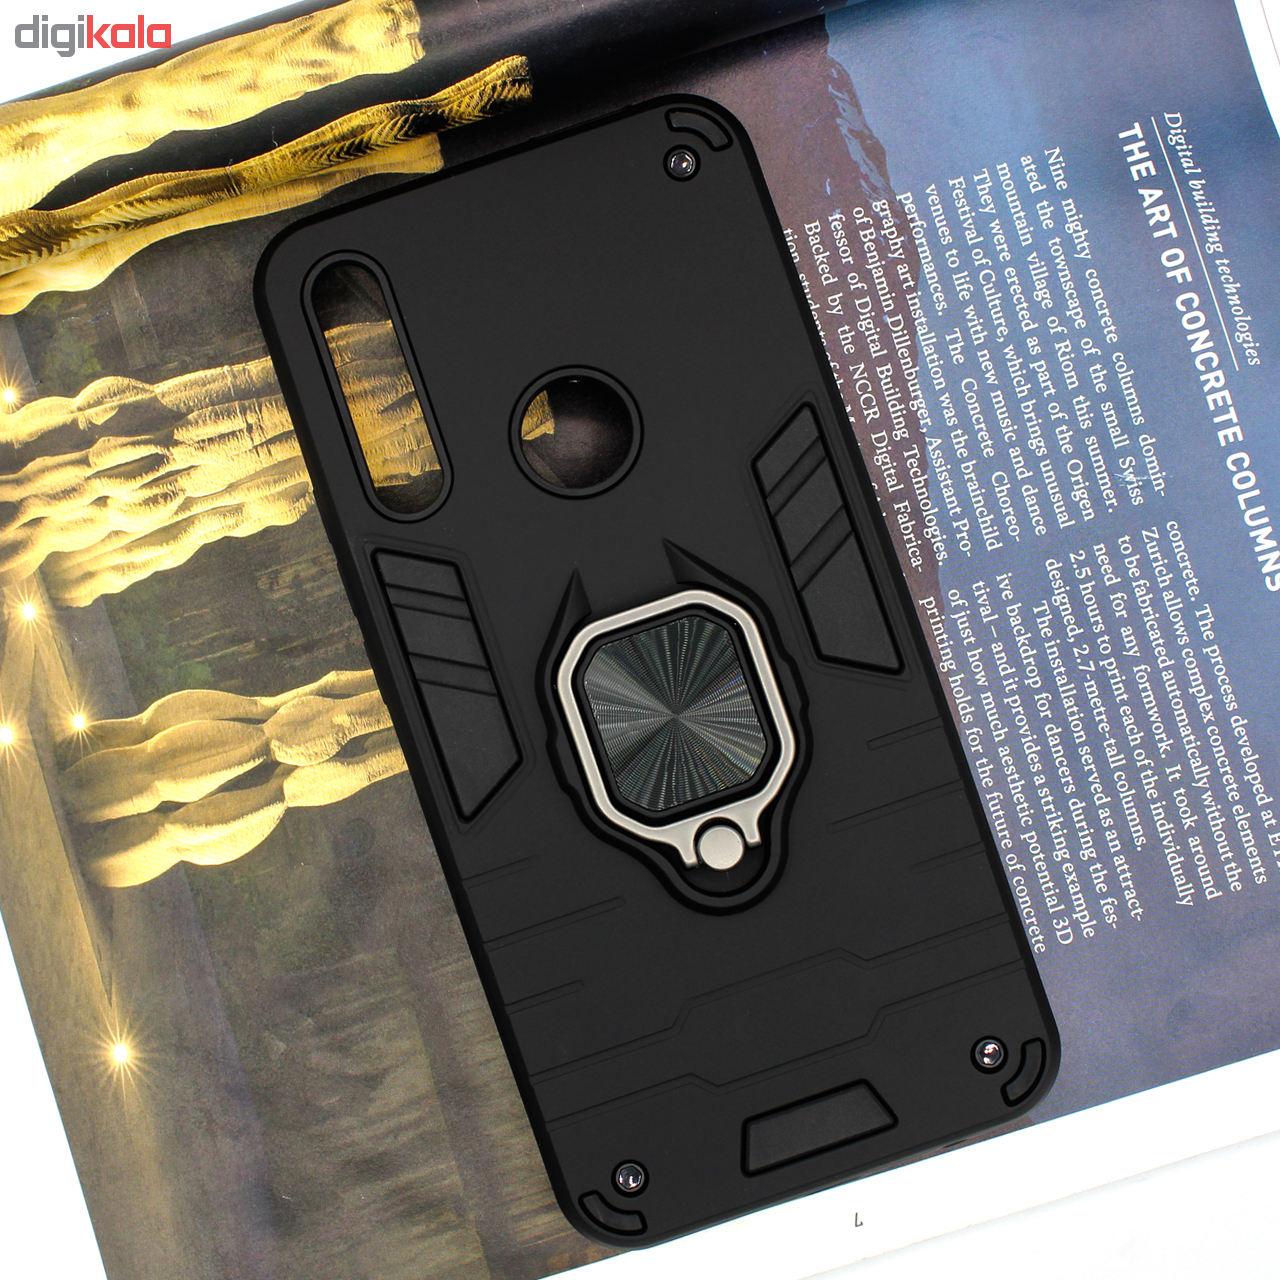 کاور کینگ پاور مدل ASH22 مناسب برای گوشی موبایل هوآوی P30 Lite main 1 9